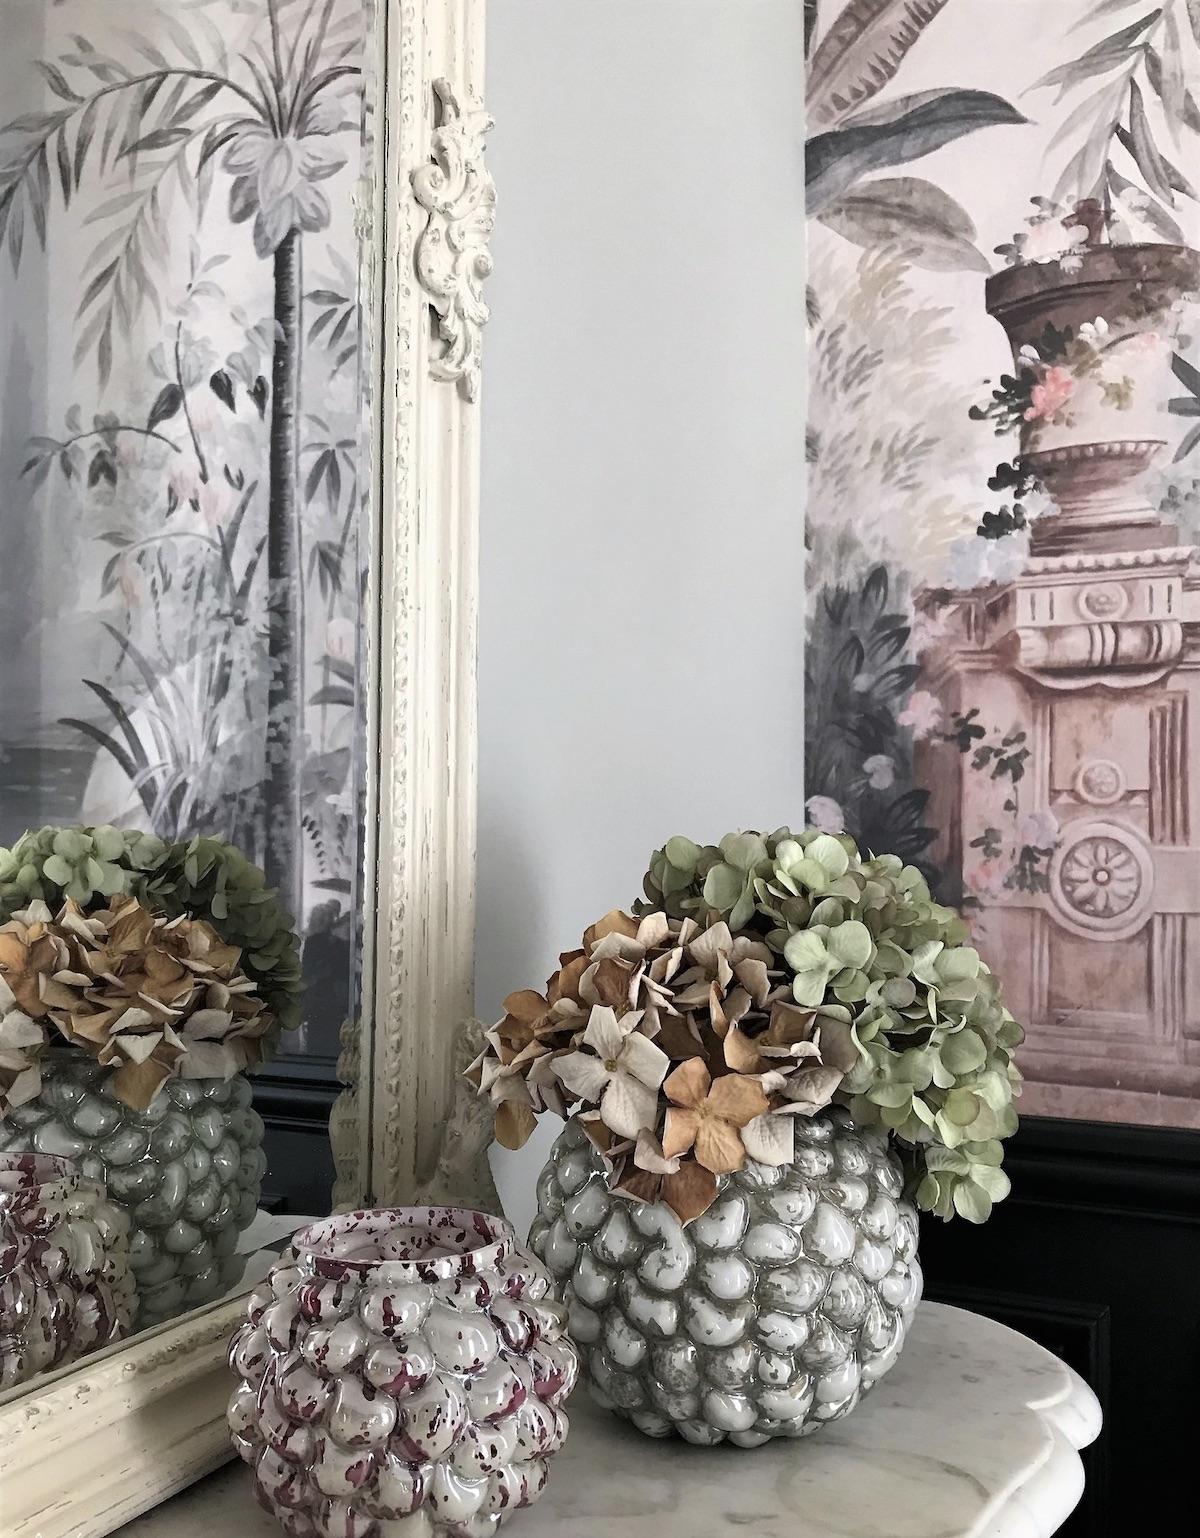 miroir vase vintage fleurs séchées papier peint cheminée - blog déco - clemaroundthecorner